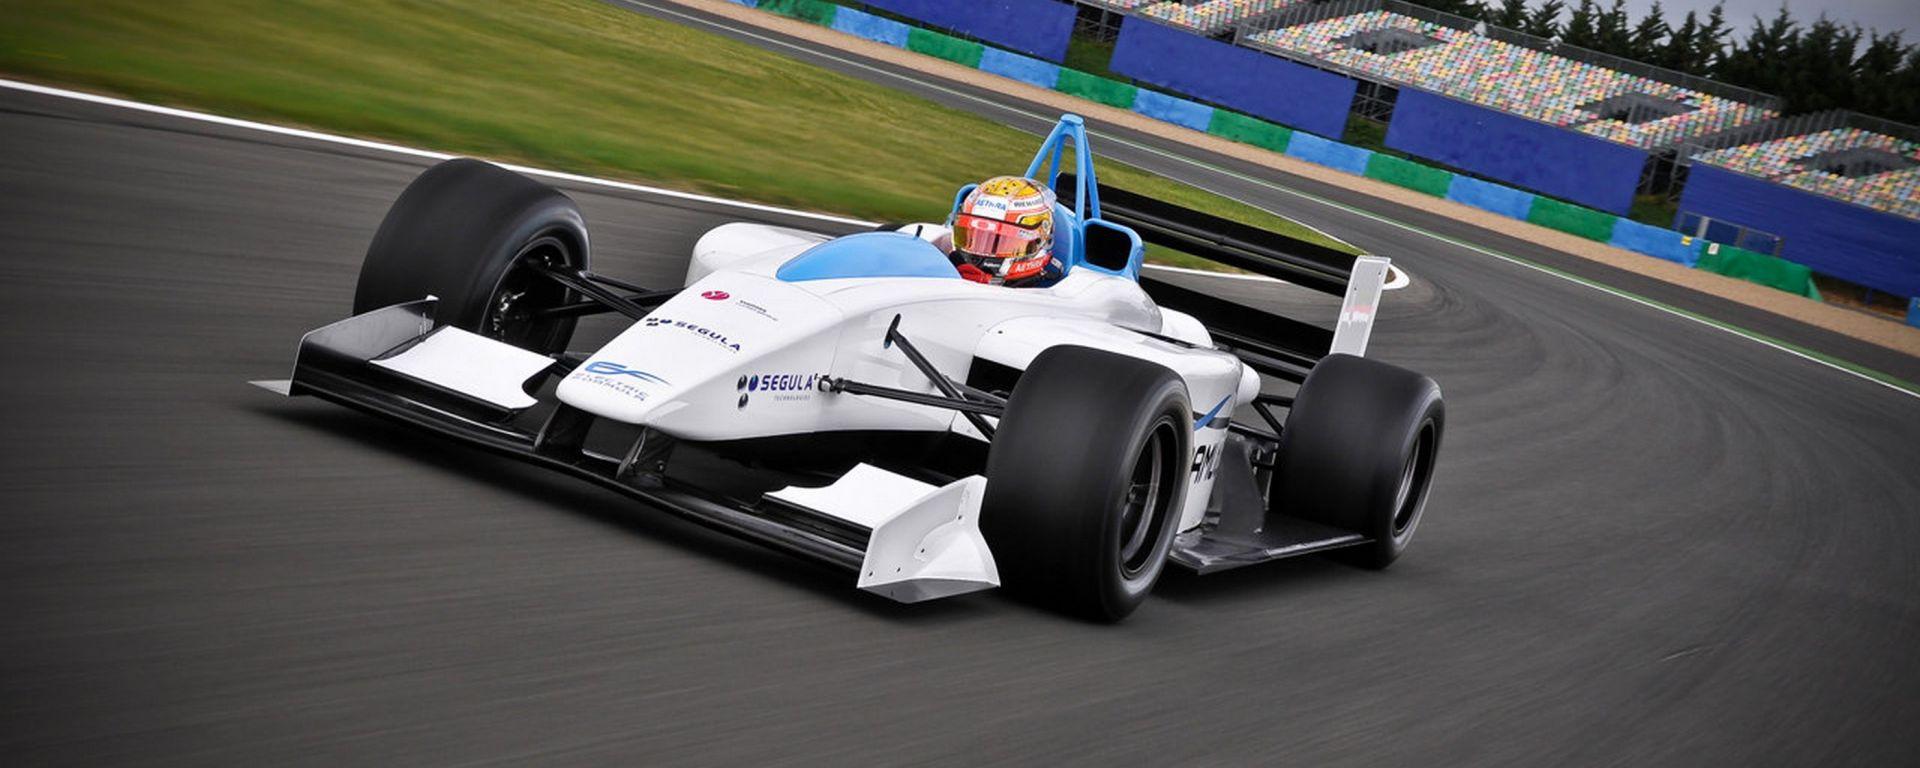 Formula E, il campionato verde